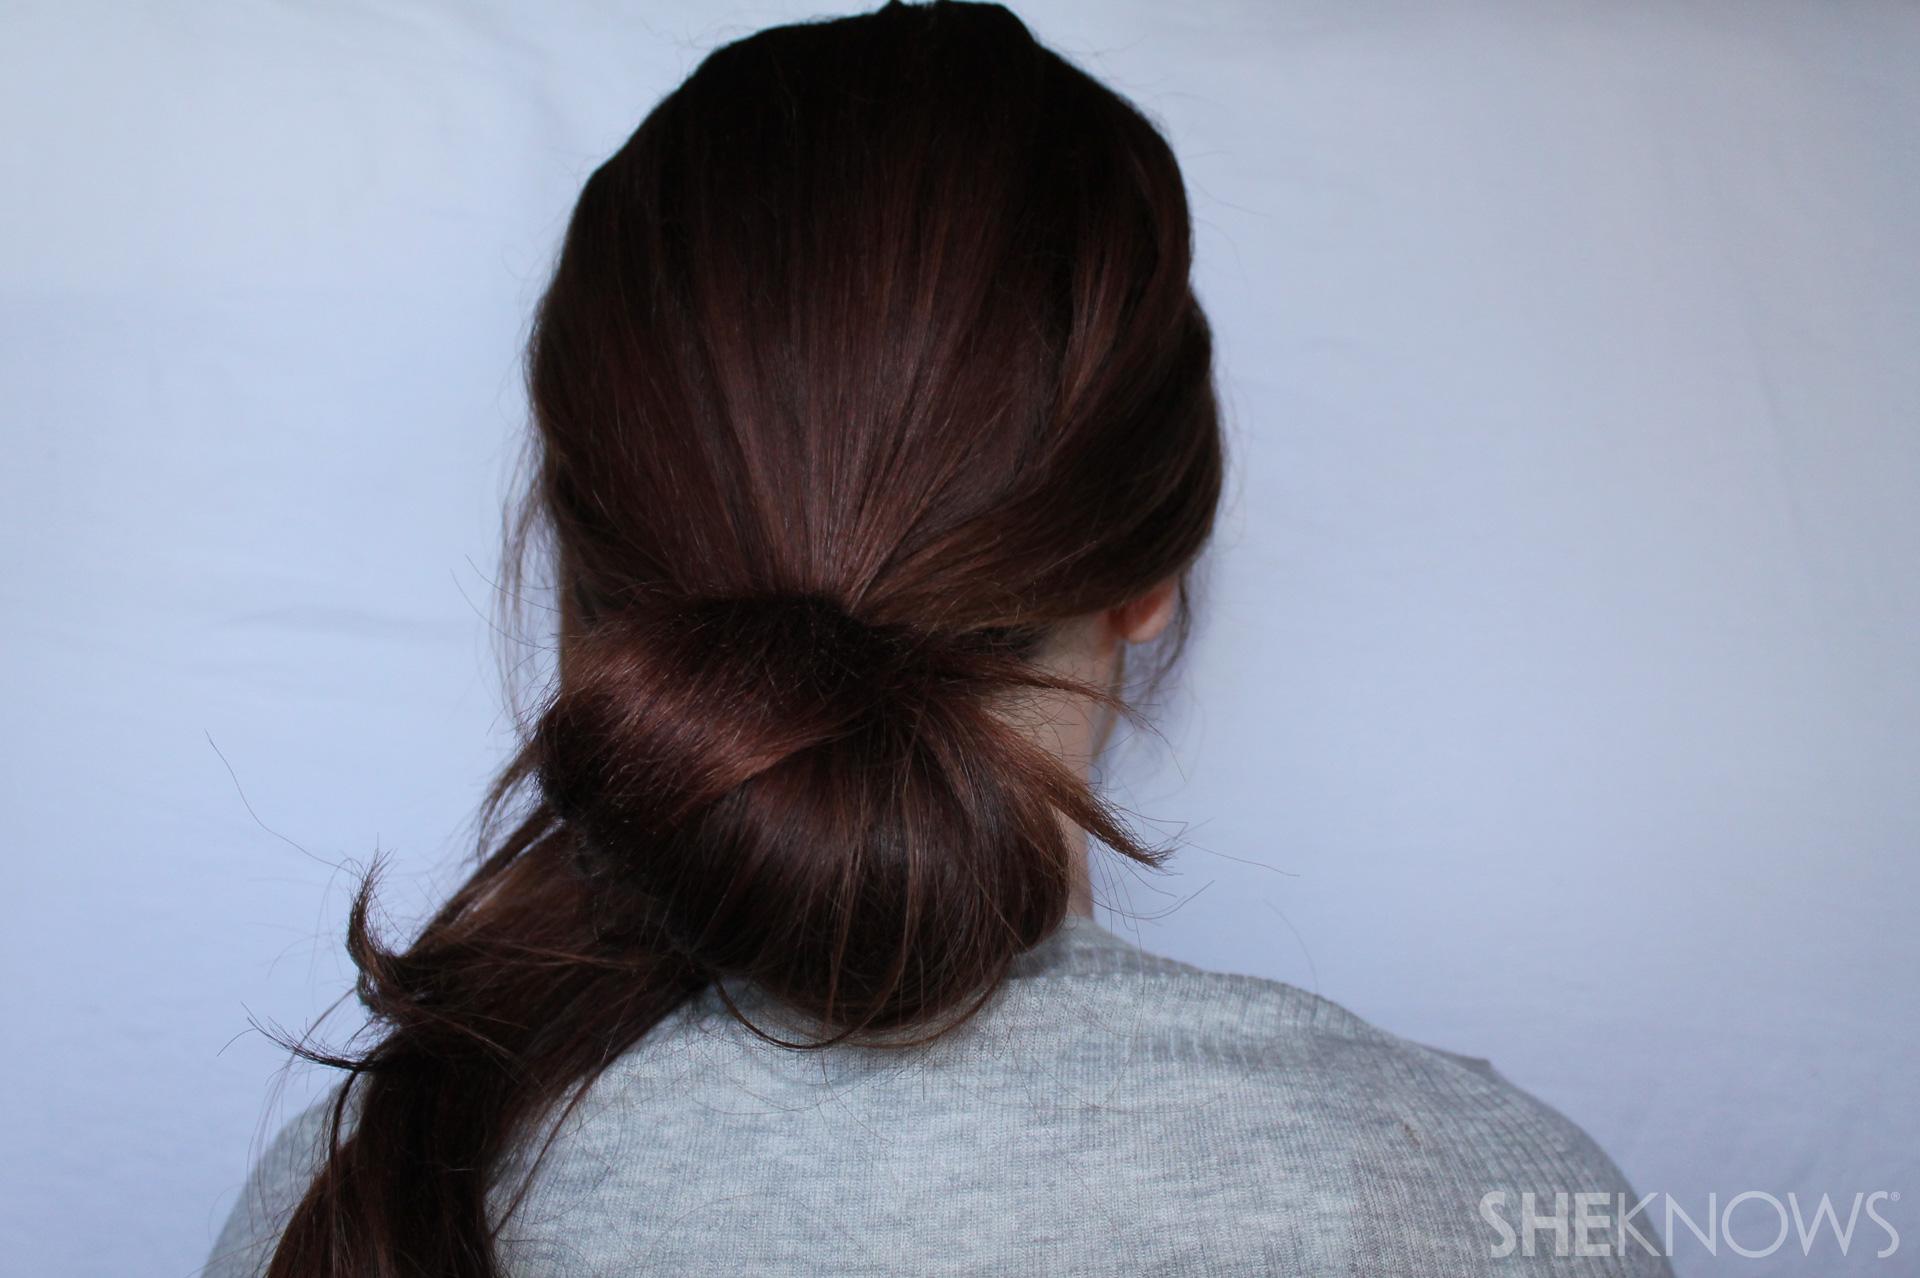 Hair bow | Sheknows.com - step 02